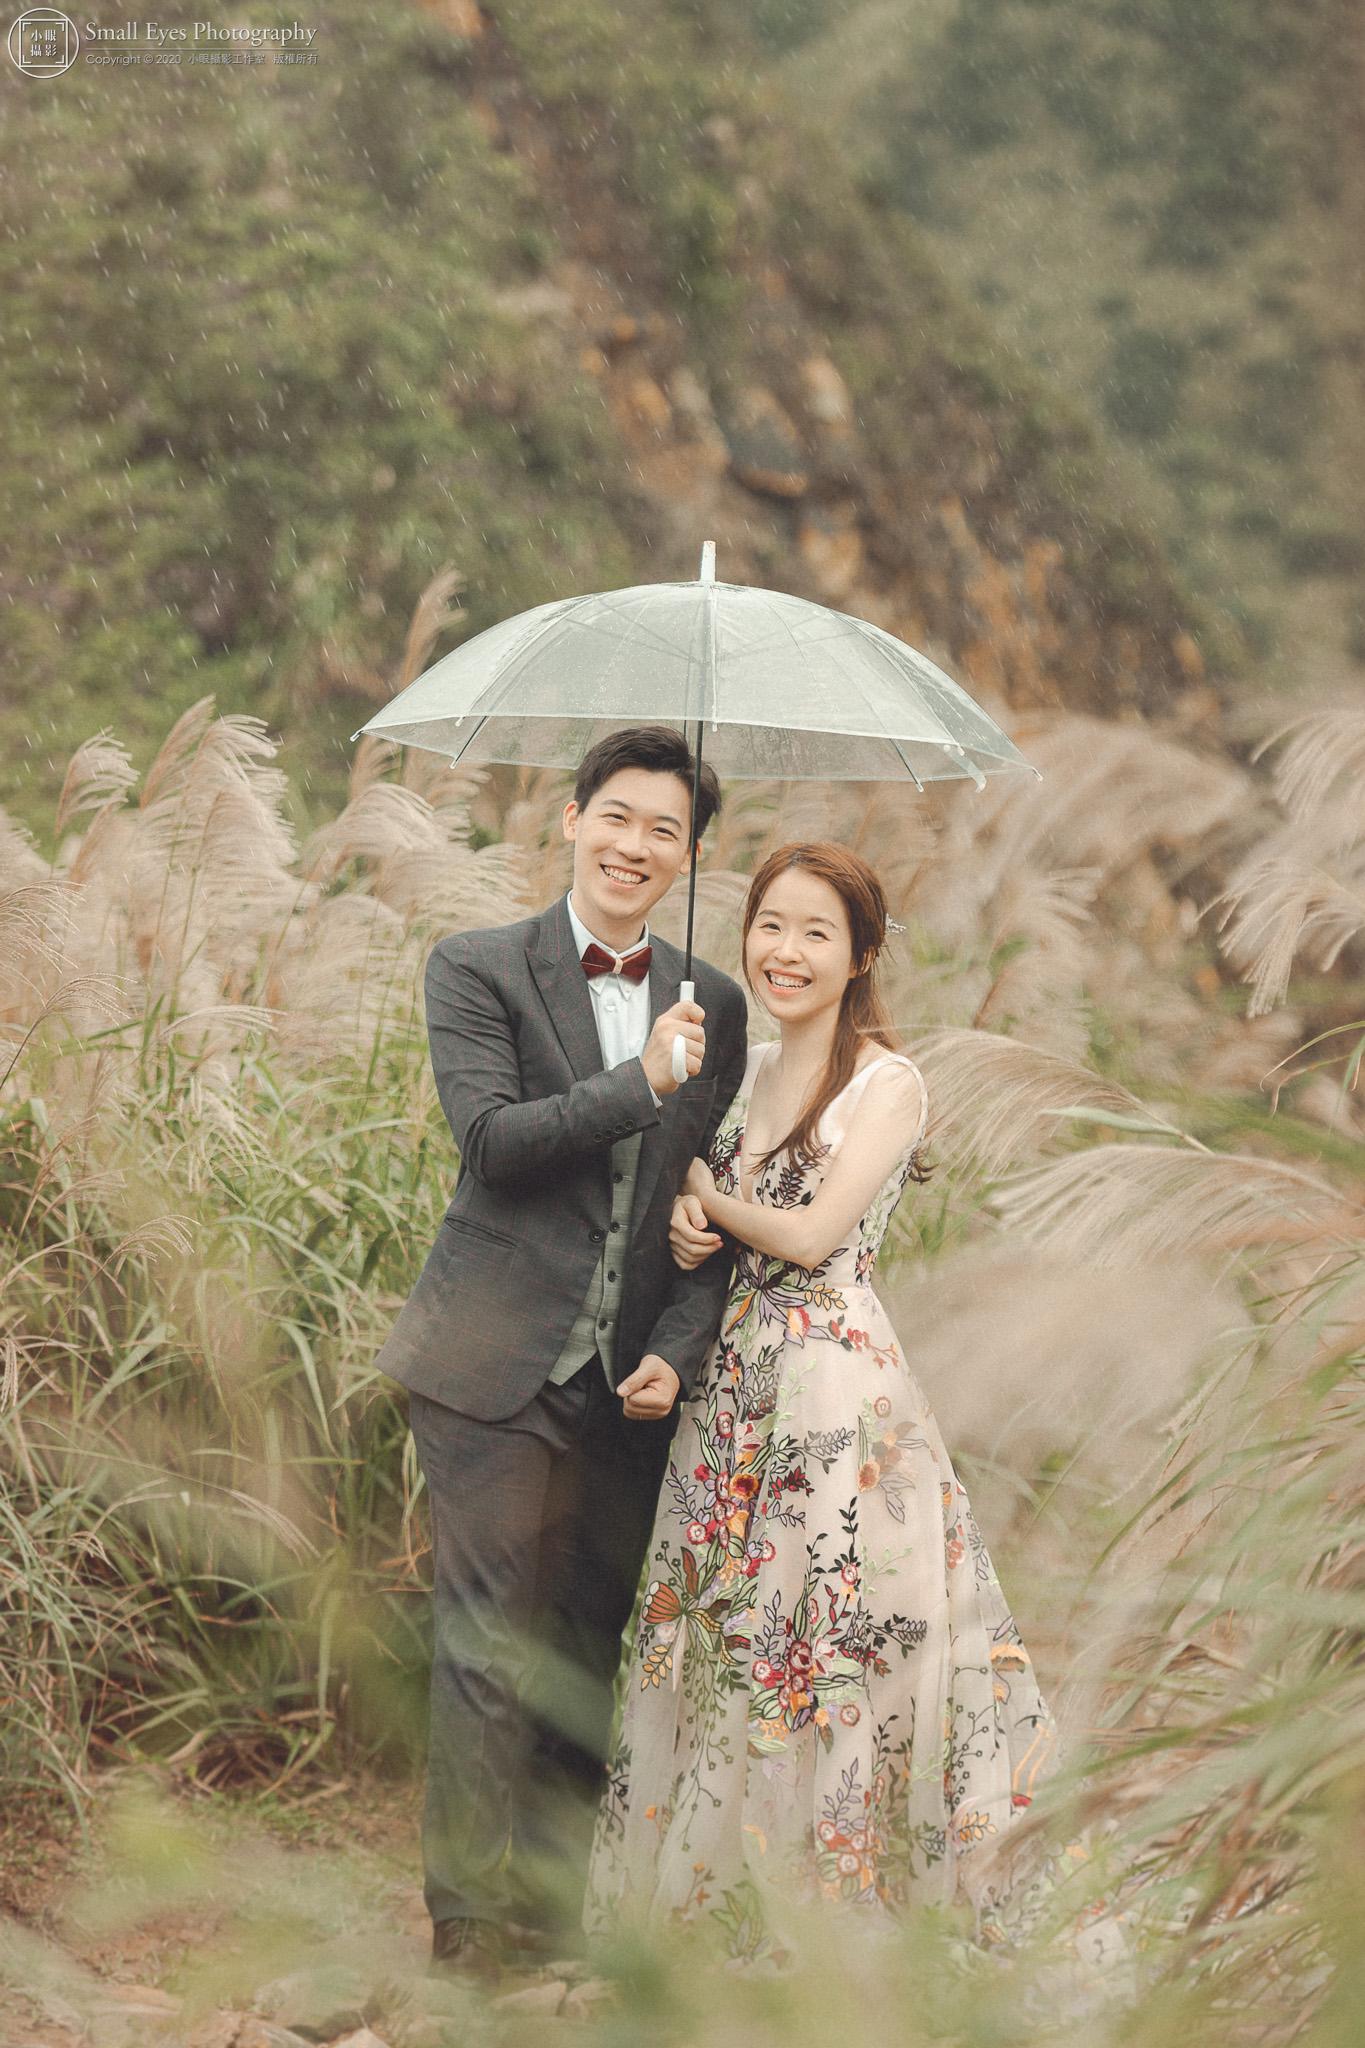 小眼攝影,自助婚紗,婚攝,婚紗攝影,新秘瓜瓜,吉兒婚紗,台灣,北部,北海岸,芒草,芒花,下雨